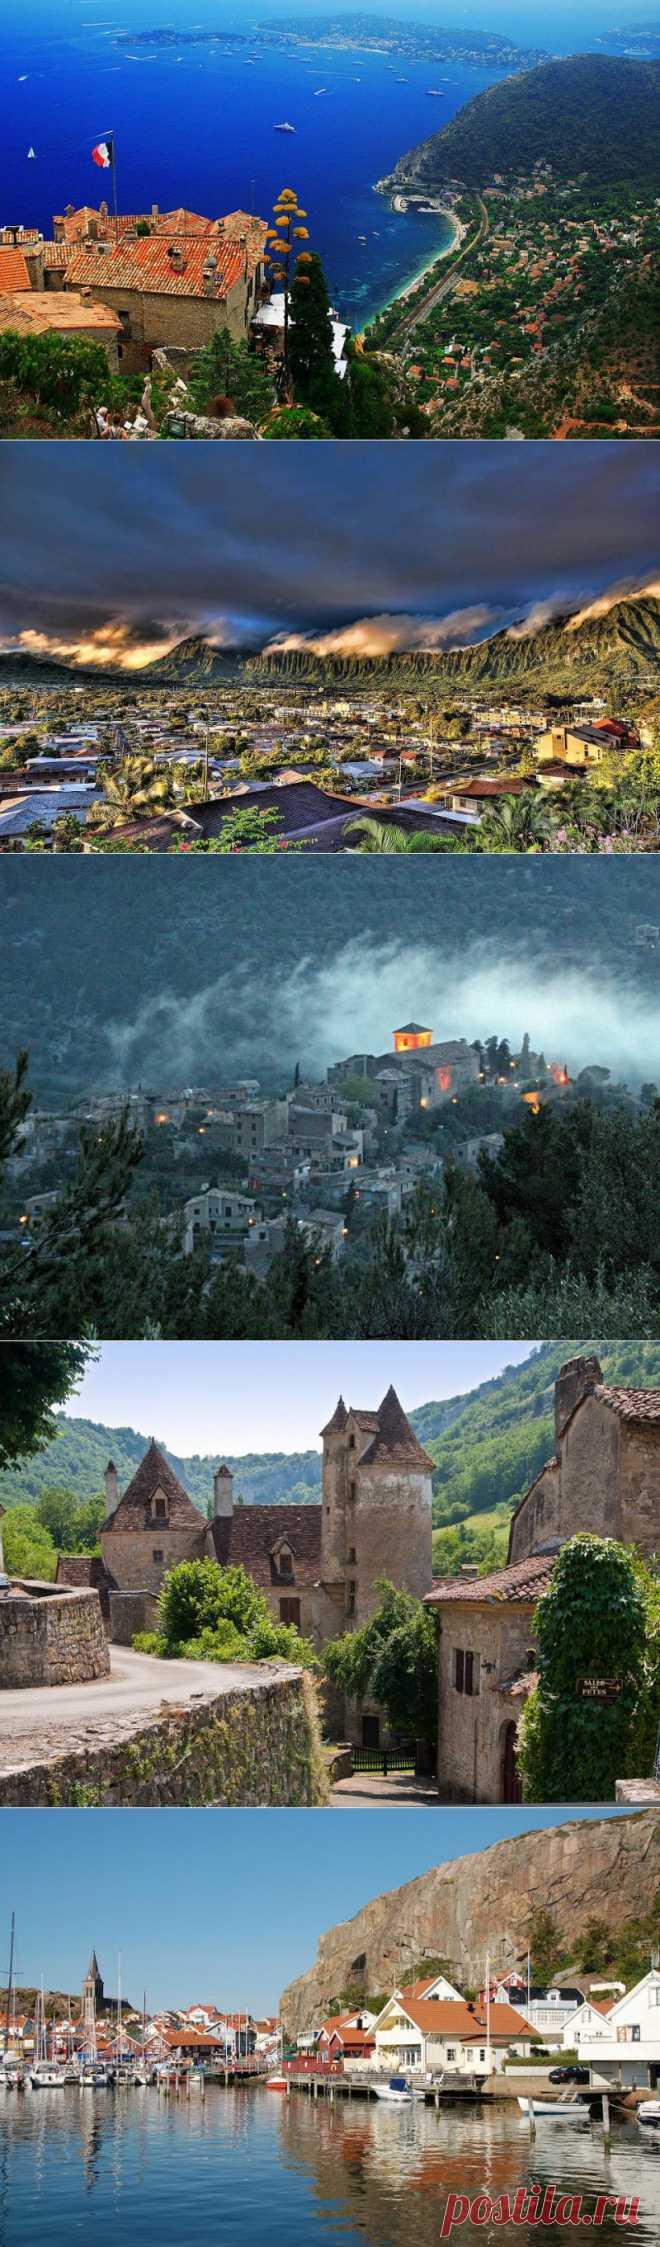 Самые красивые деревни Европы : НОВОСТИ В ФОТОГРАФИЯХ